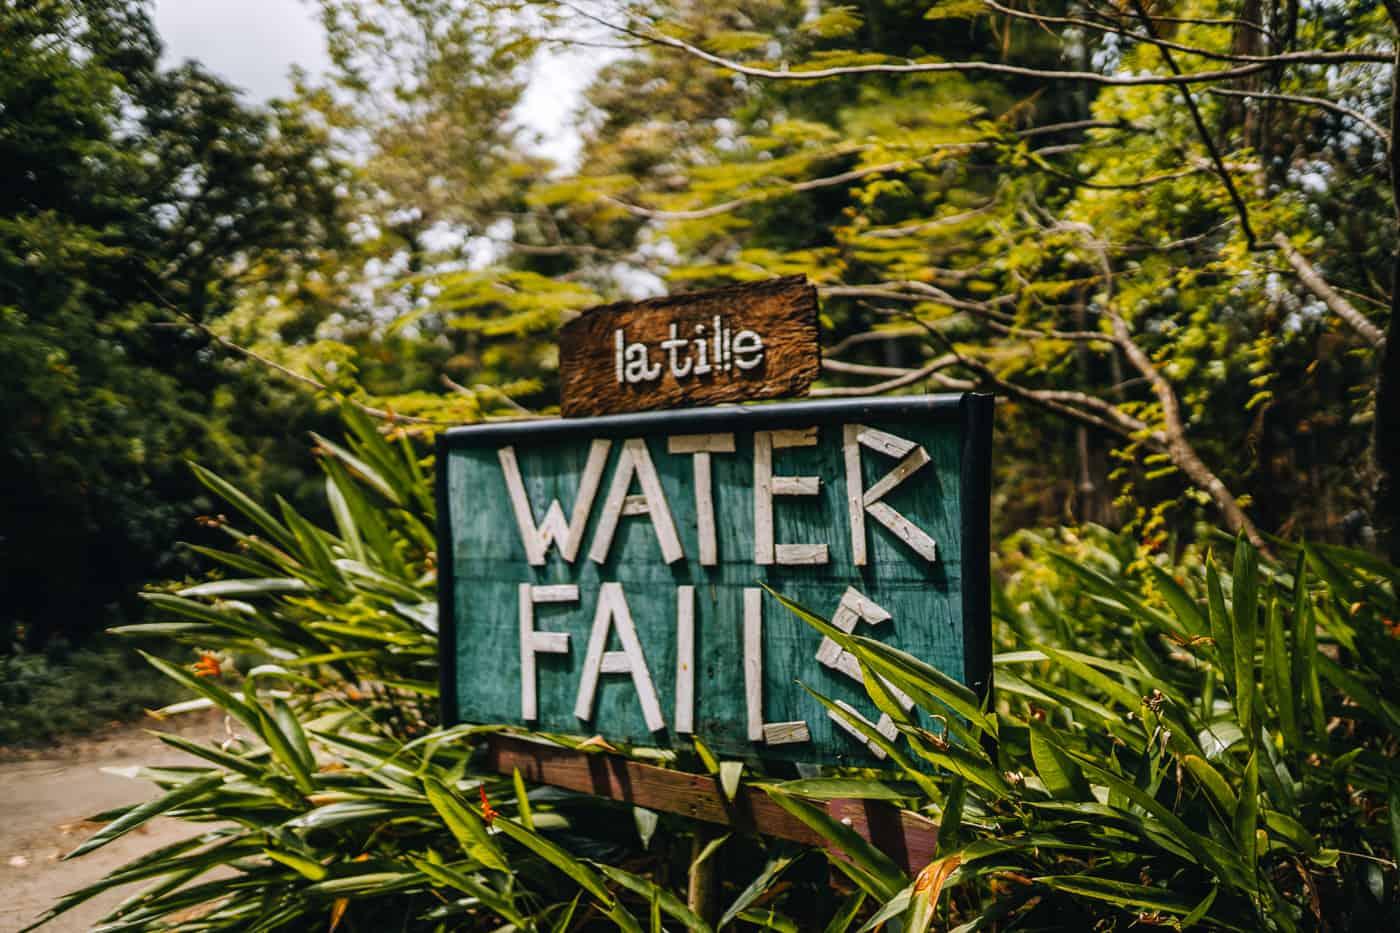 Saint Lucia - Tipps, Sehenswürdigkeiten, Strände & Ausflugsziele auf der Karibik-Insel: Latille Waterfall